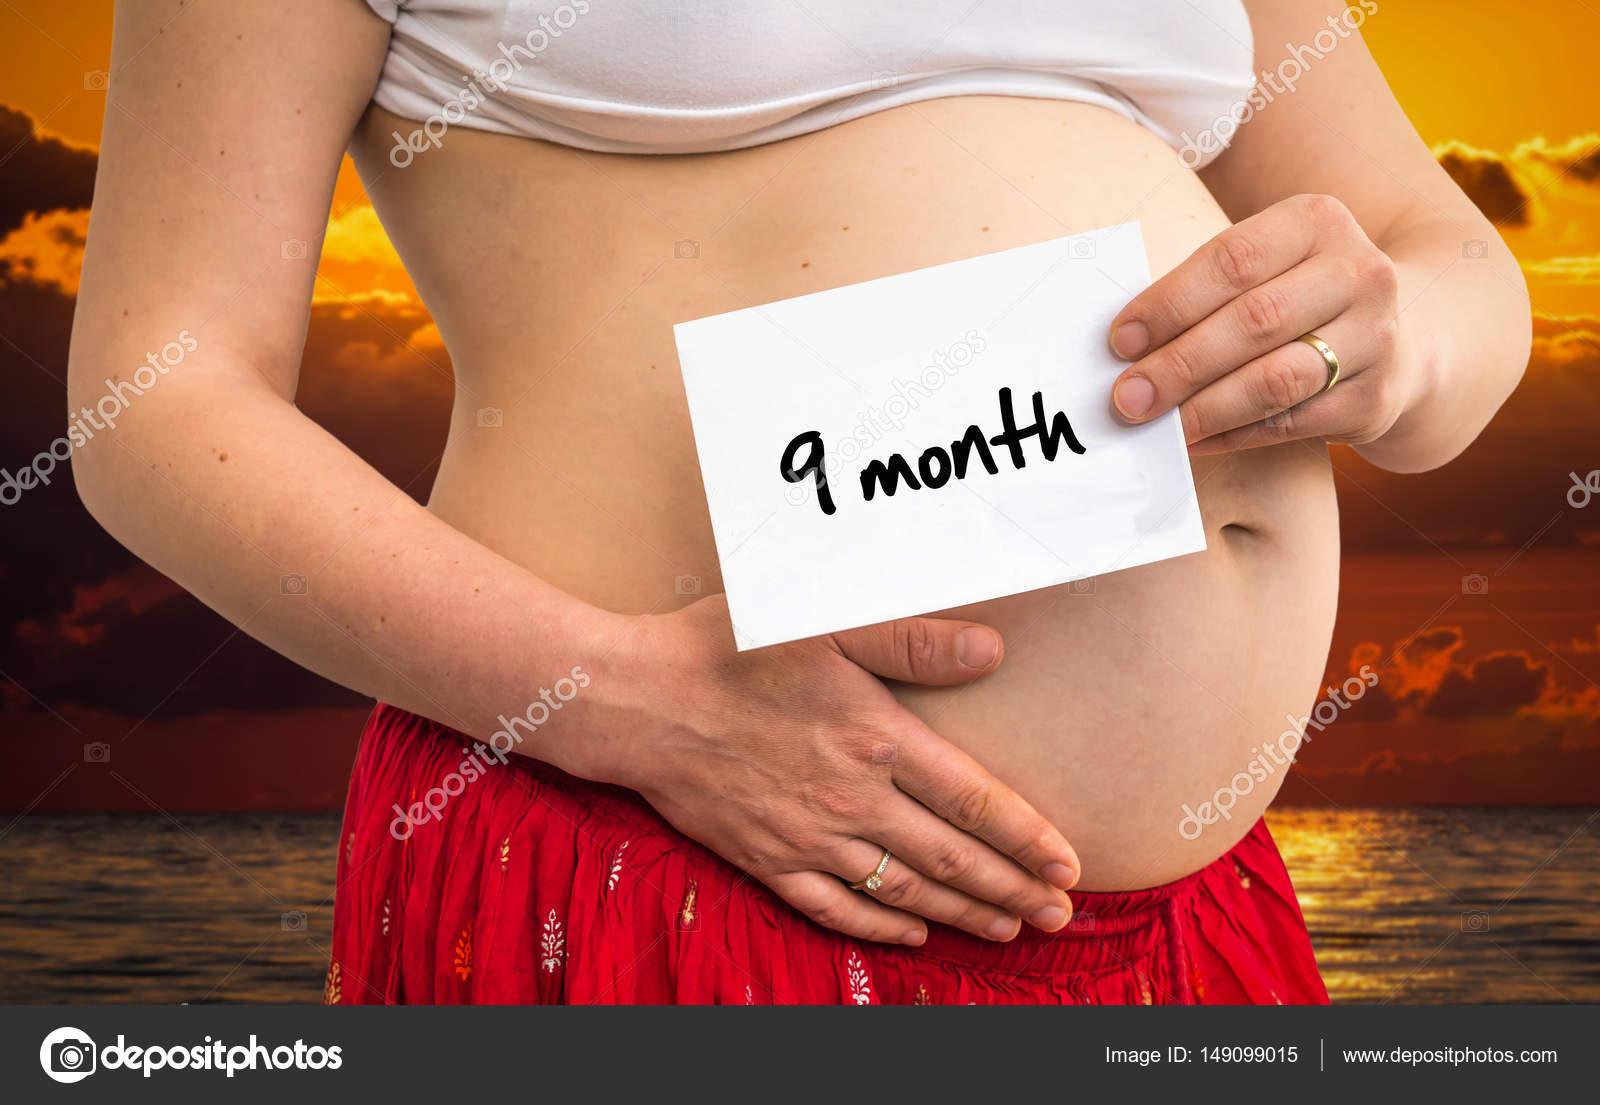 e3e0a21e1 Mujer embarazada con papel con la inscripción  9 meses — Foto de Stock